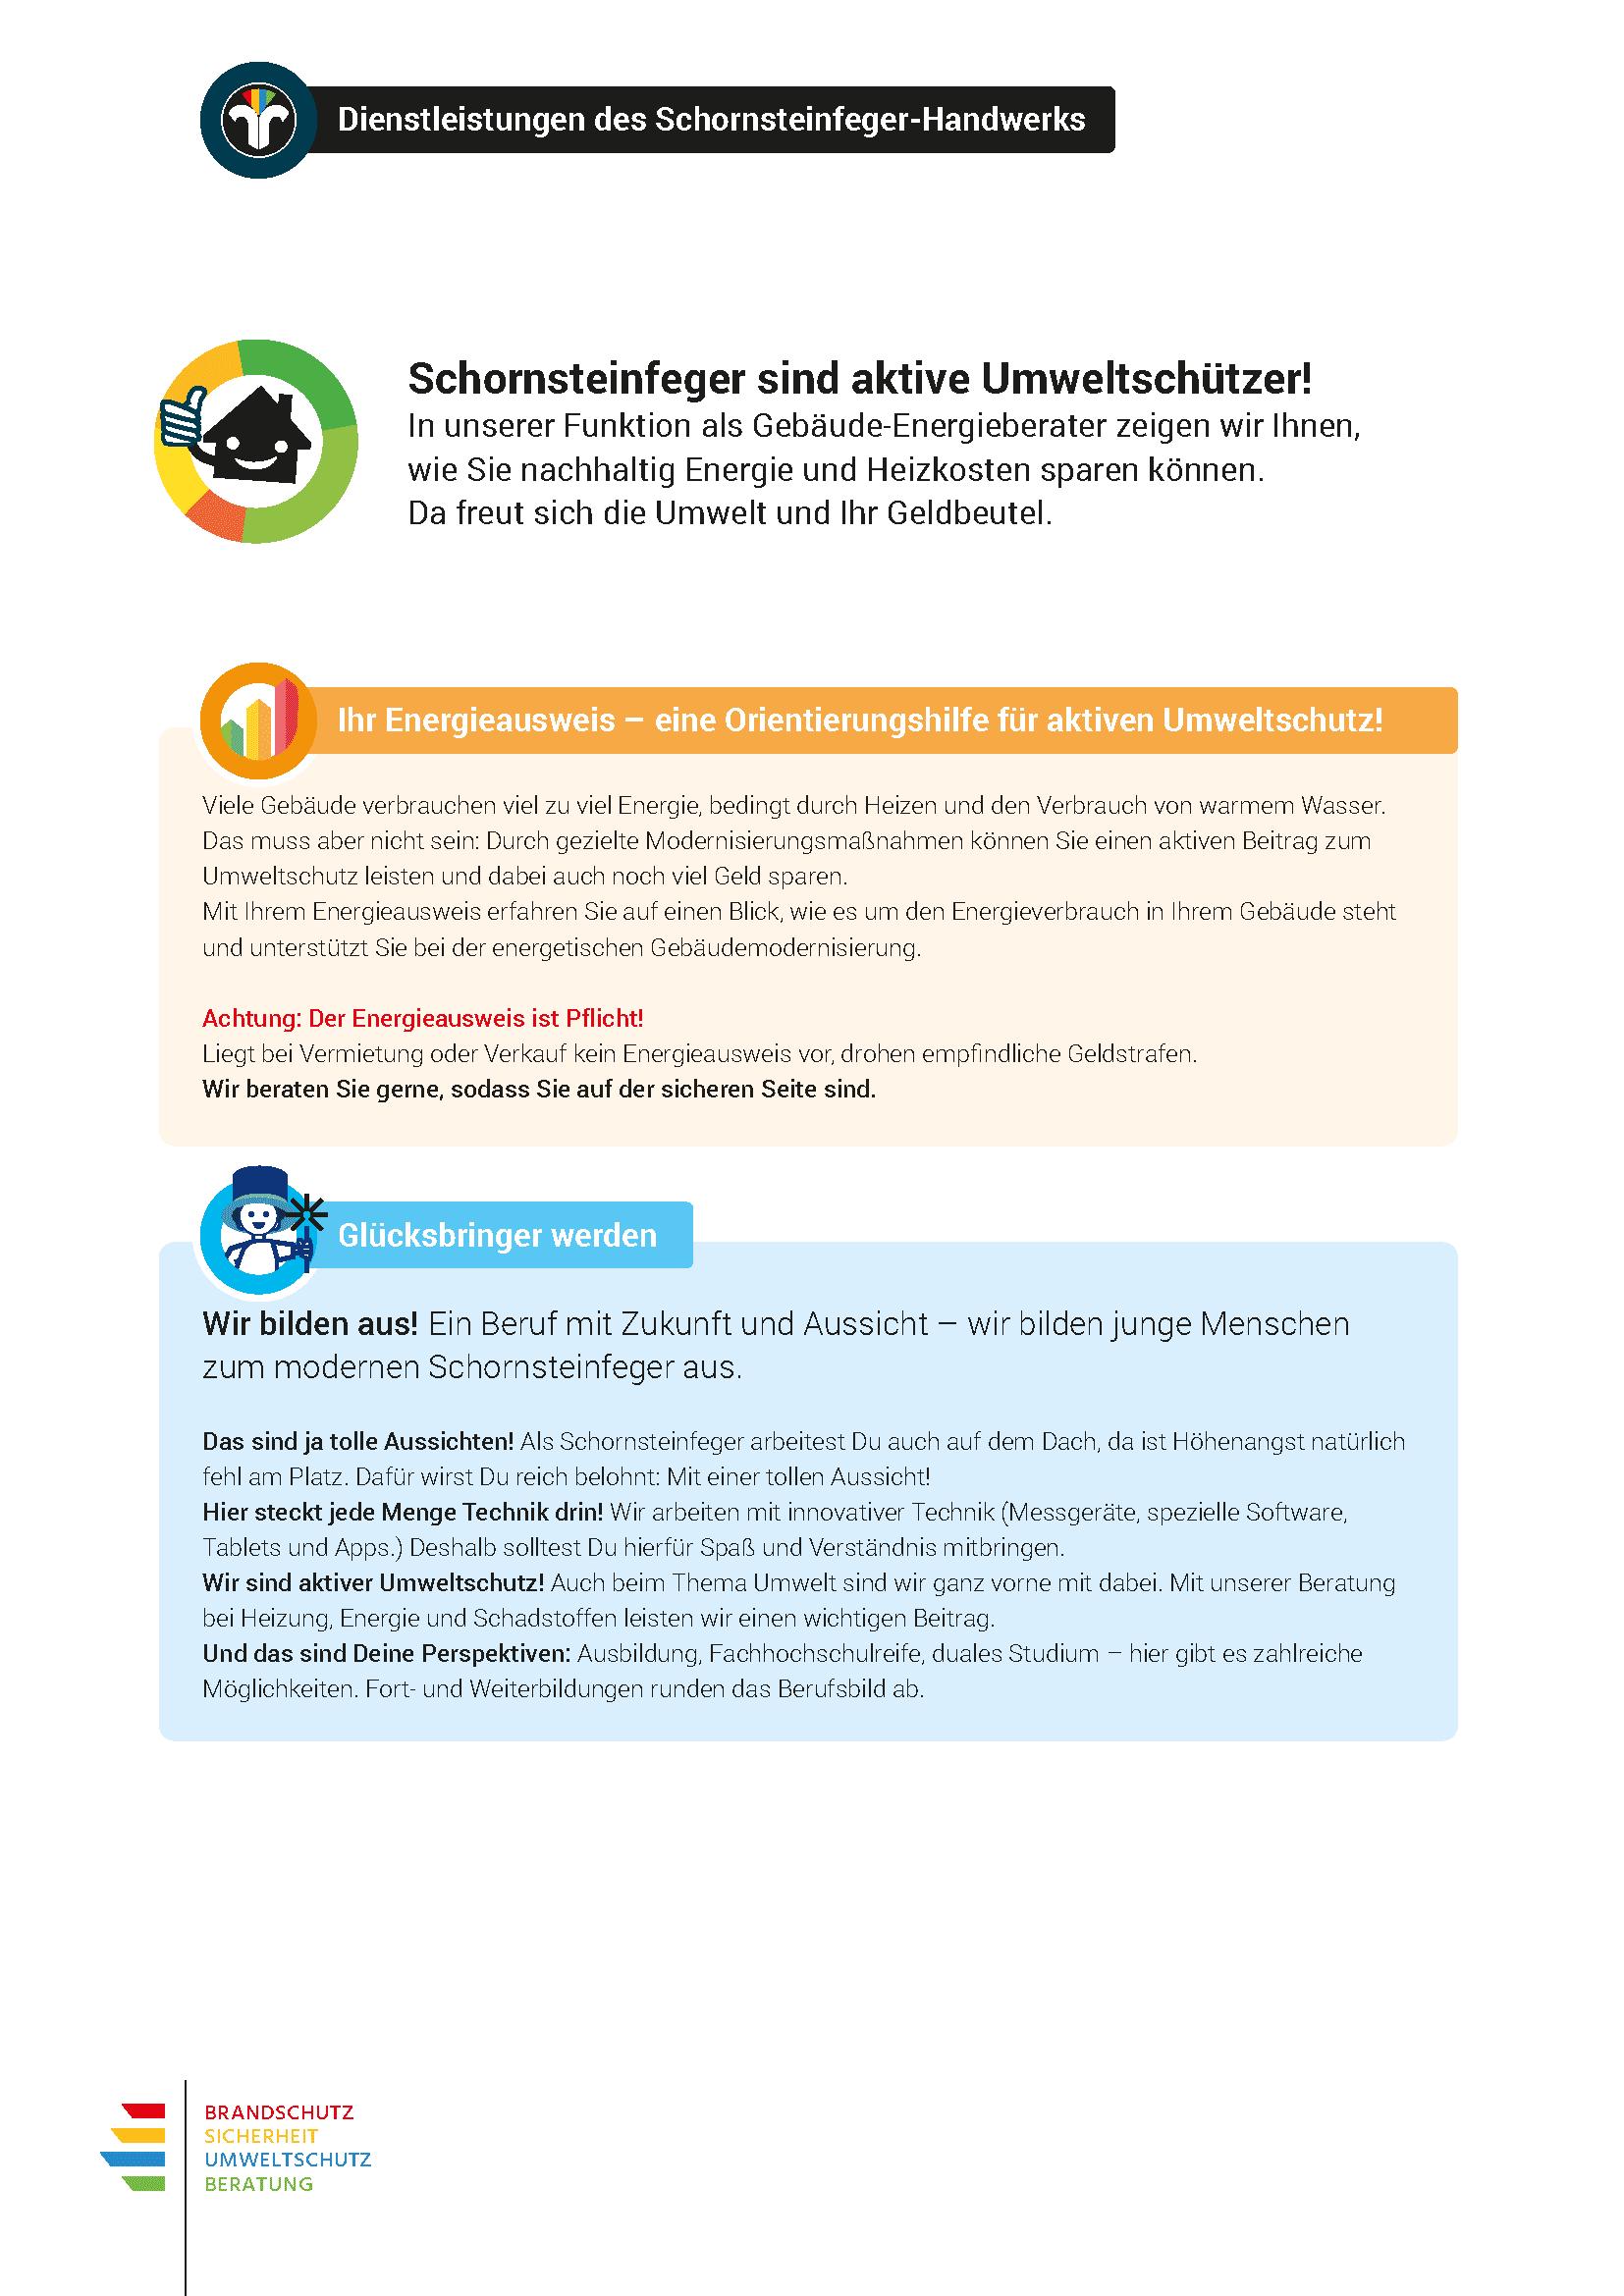 digibase Schornsteinfeger Marketing: Beilage Rauchwarnmelder